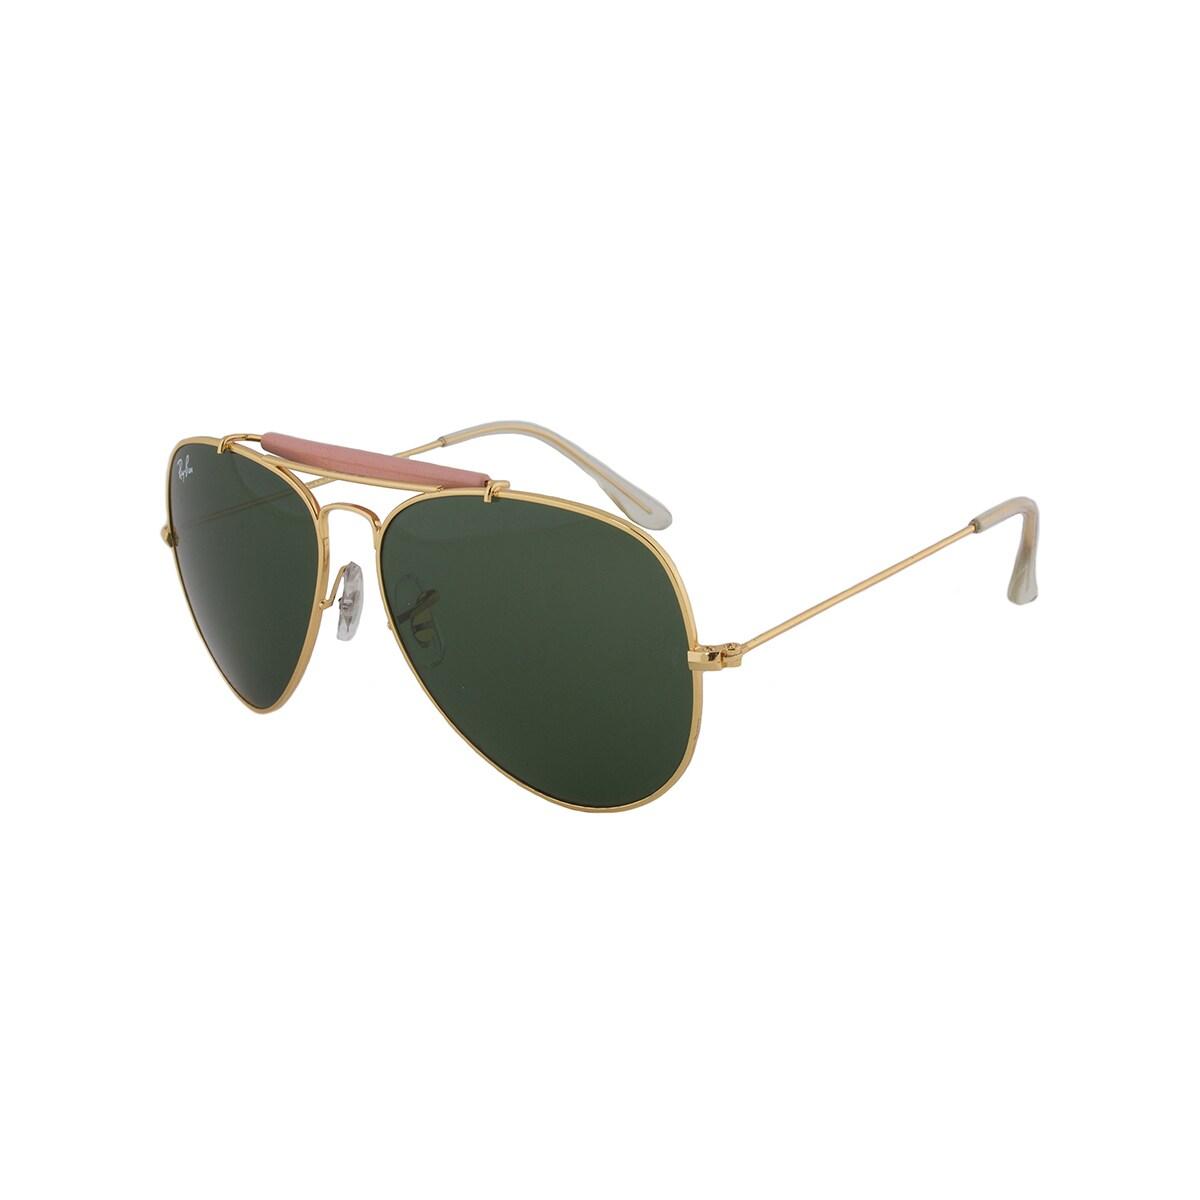 Compre verde clásico gafas Gratis sol oro para Ii Outdoorsman de Rb3029 Marco Envío Hoy lentes de Ban L2112 Ray hombre 10364407 1nrUqP71